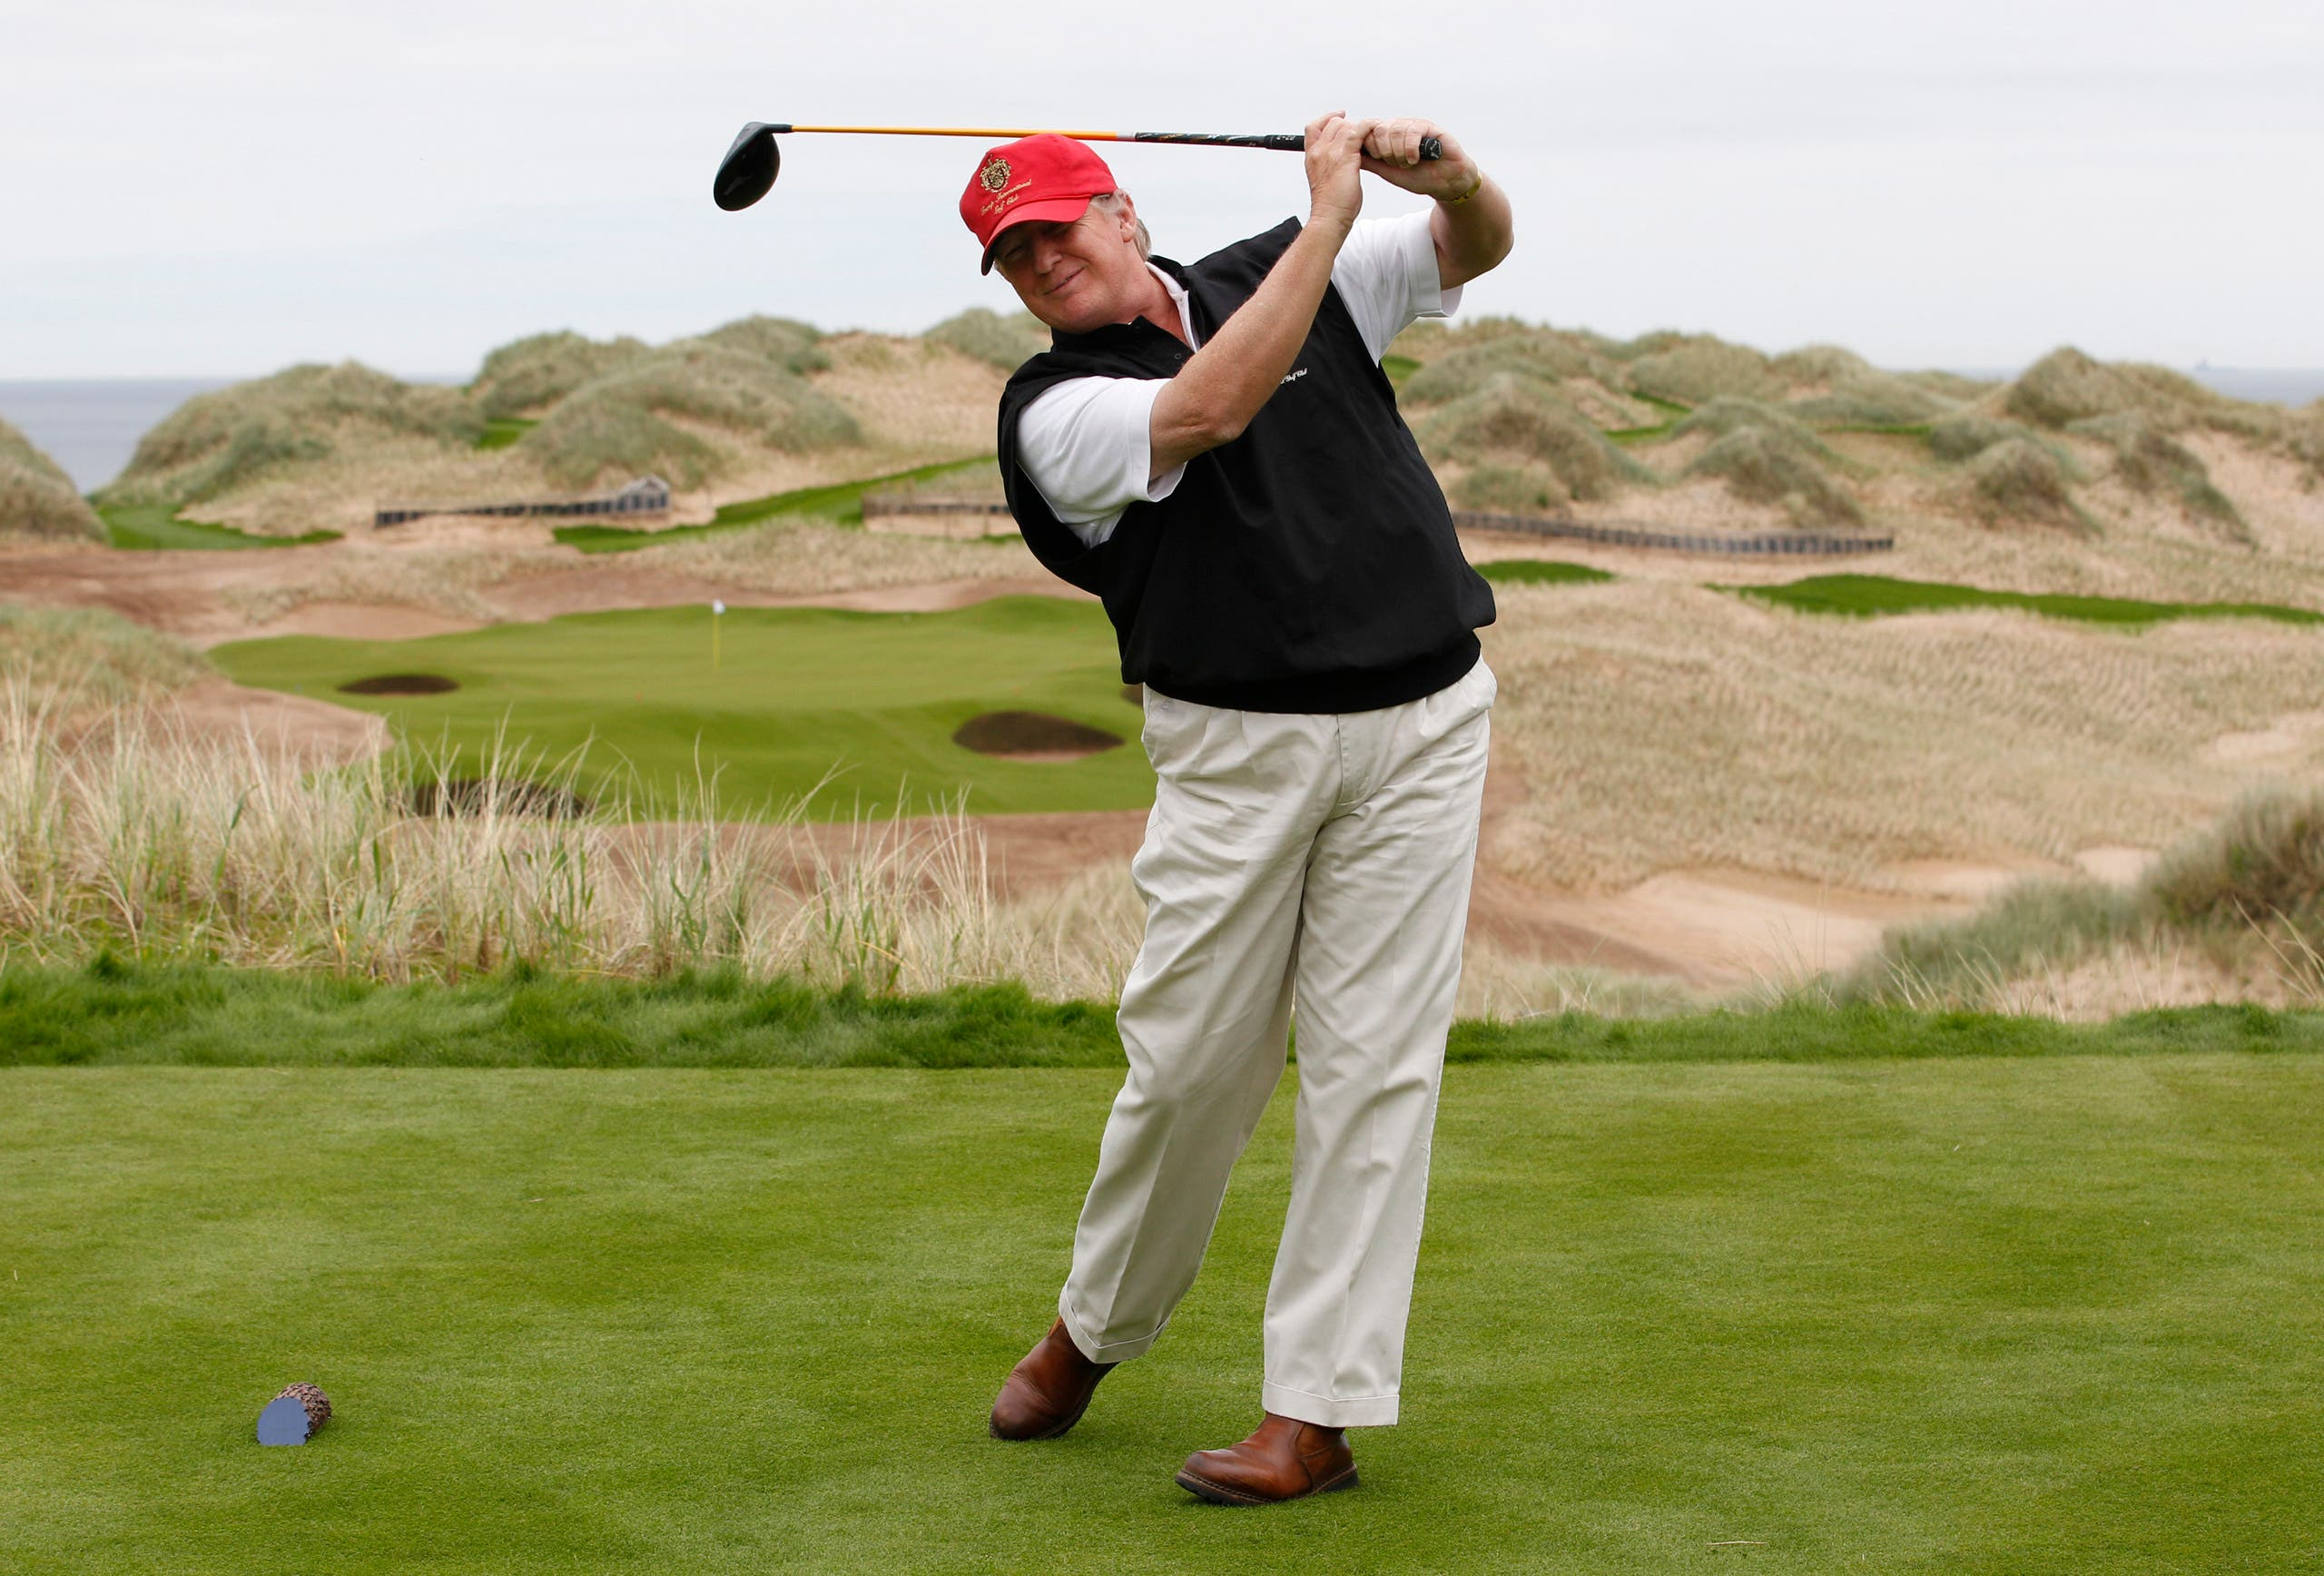 ترمب يمارس رياضة الغولف في أحد ملاعبه البالغ عددها 18 ملعبا